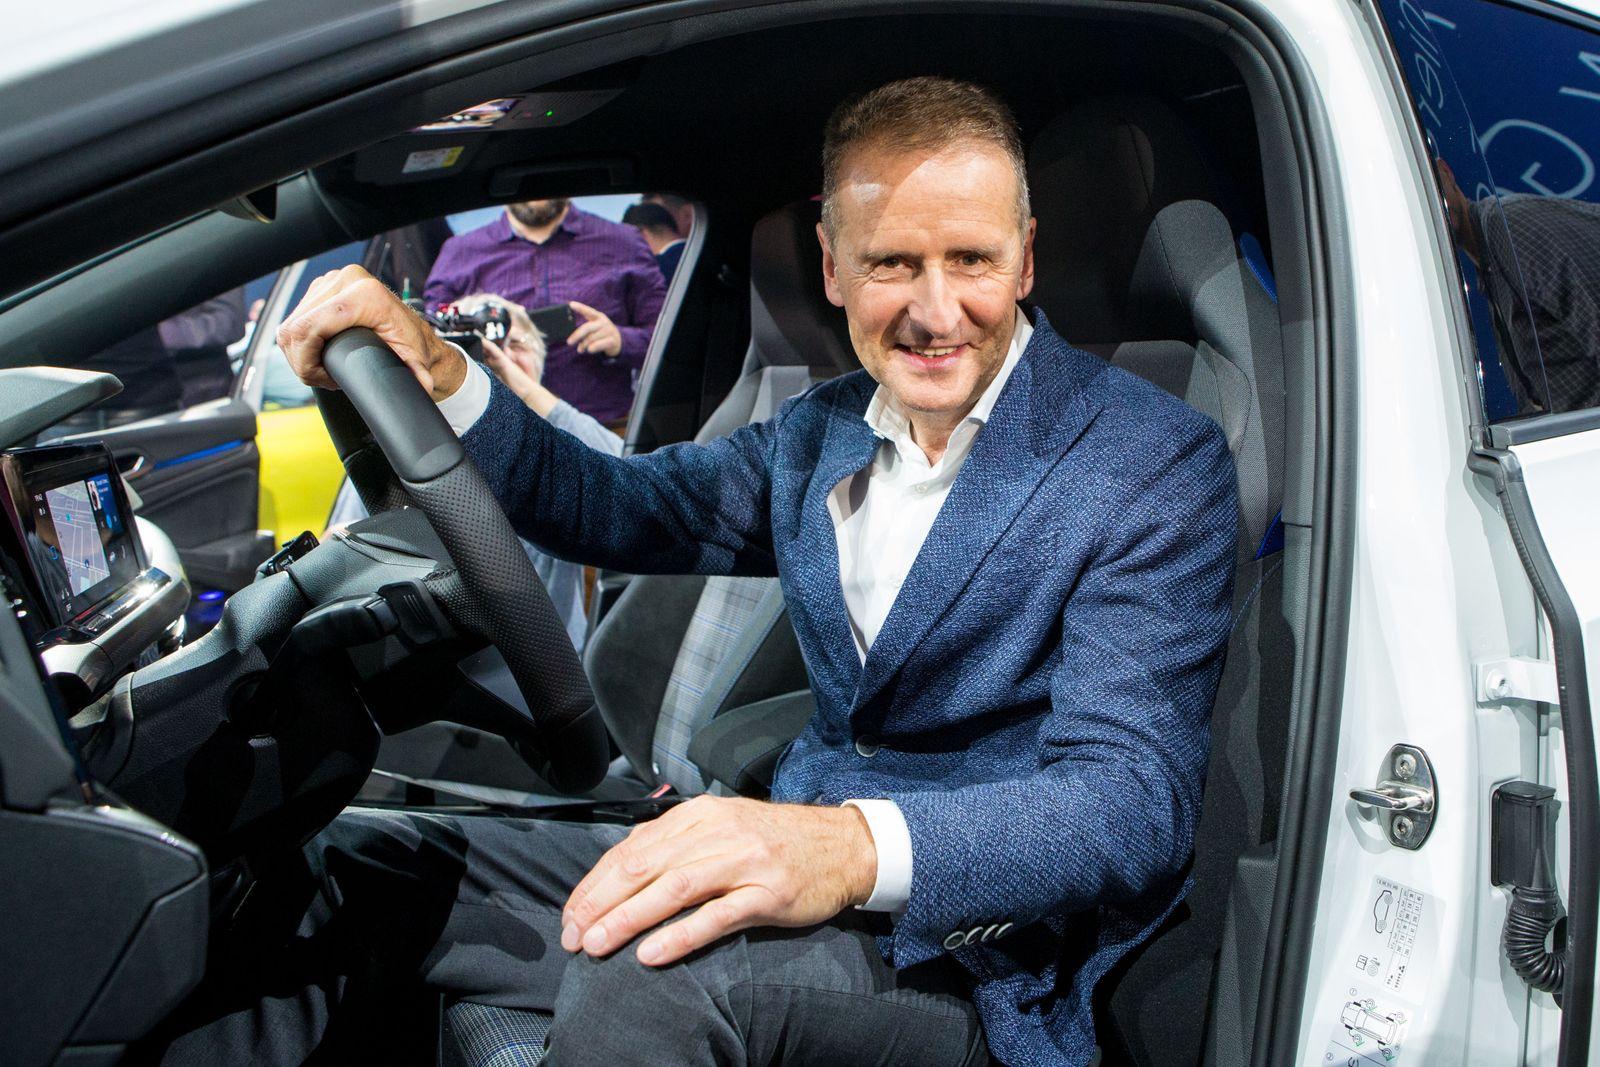 24.10.2019, xtgx, Wirtschaft Auto, Volkswagen - Weltpremiere Vorstellung Golf VIII 8 acht emspor, v.l. Herbert Diess am